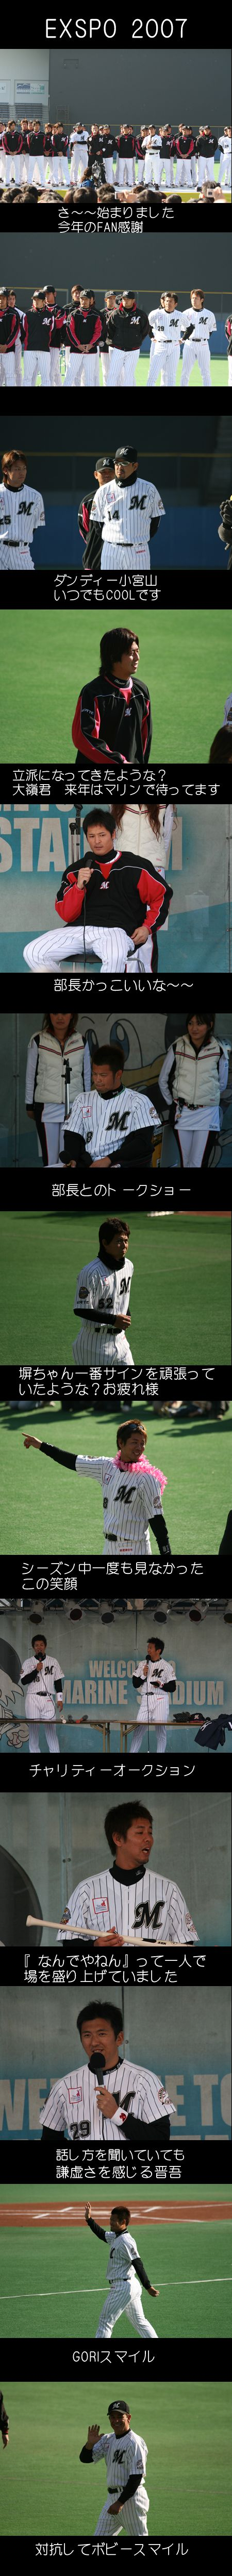 07-11-18-exspo2007.jpg